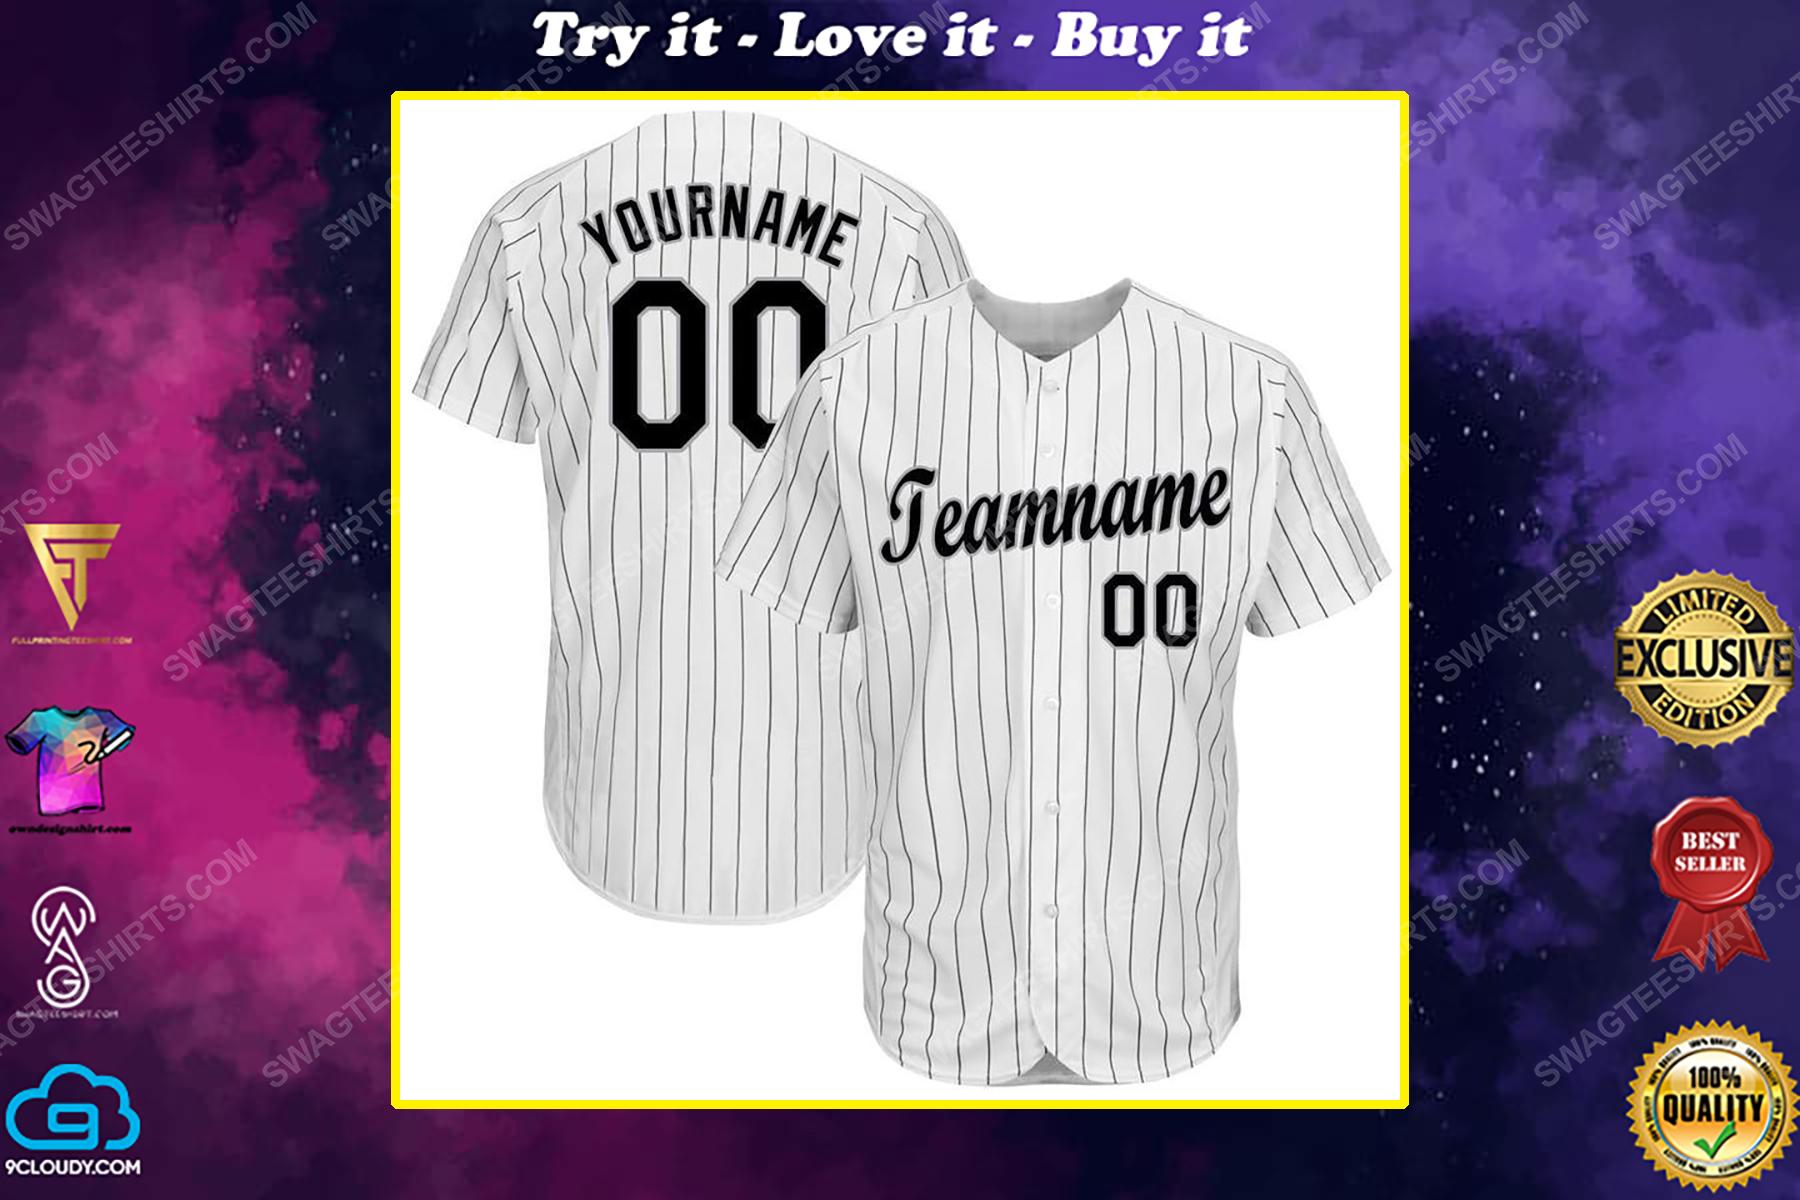 Custom team name chicago white sox baseball jersey